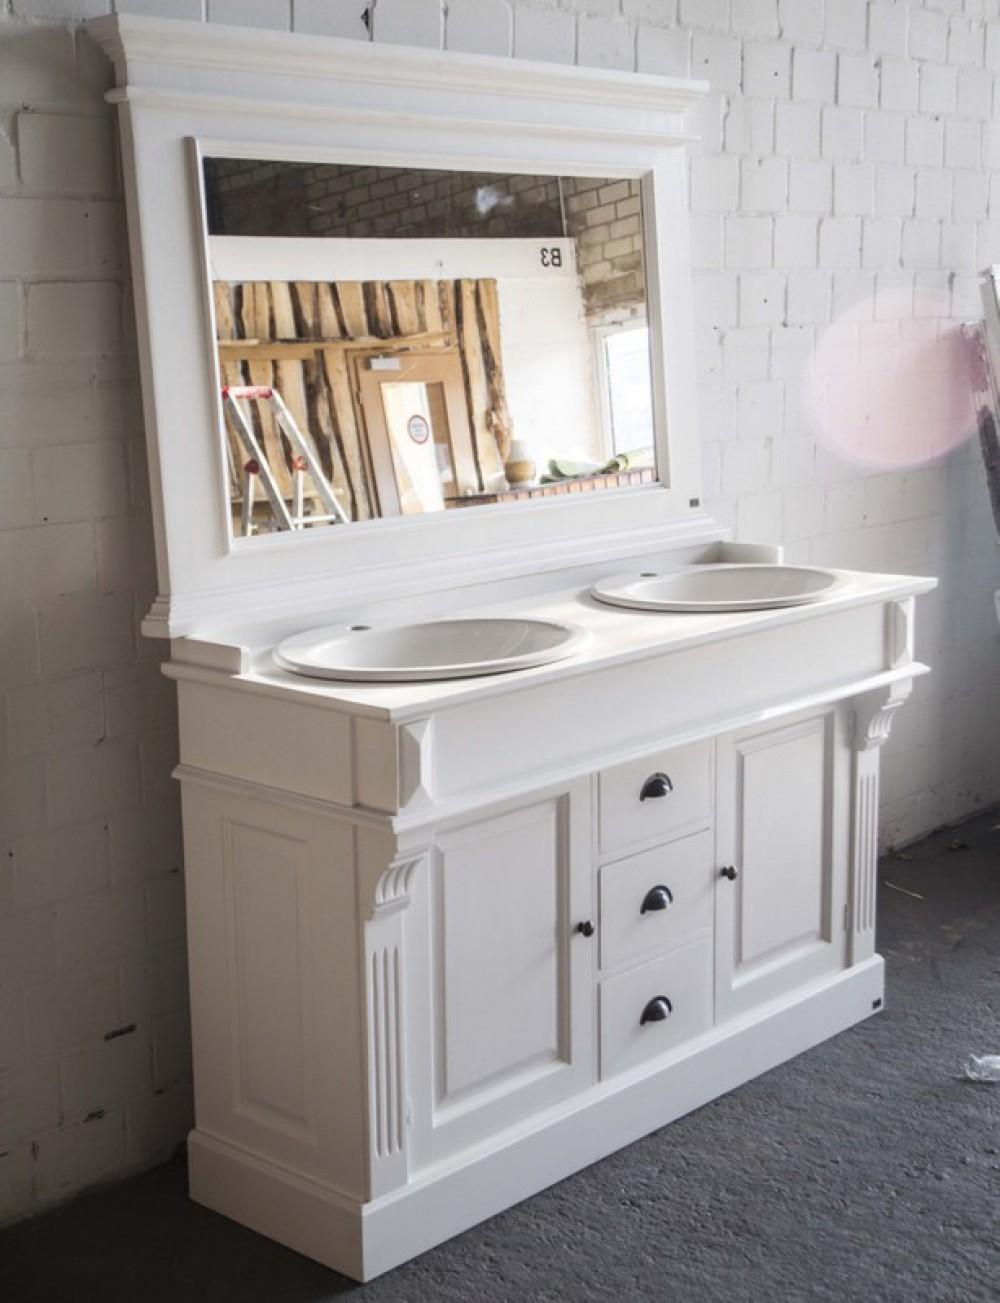 waschtisch wei massivholz doppelwaschtisch im landhausstil spiegel optional. Black Bedroom Furniture Sets. Home Design Ideas